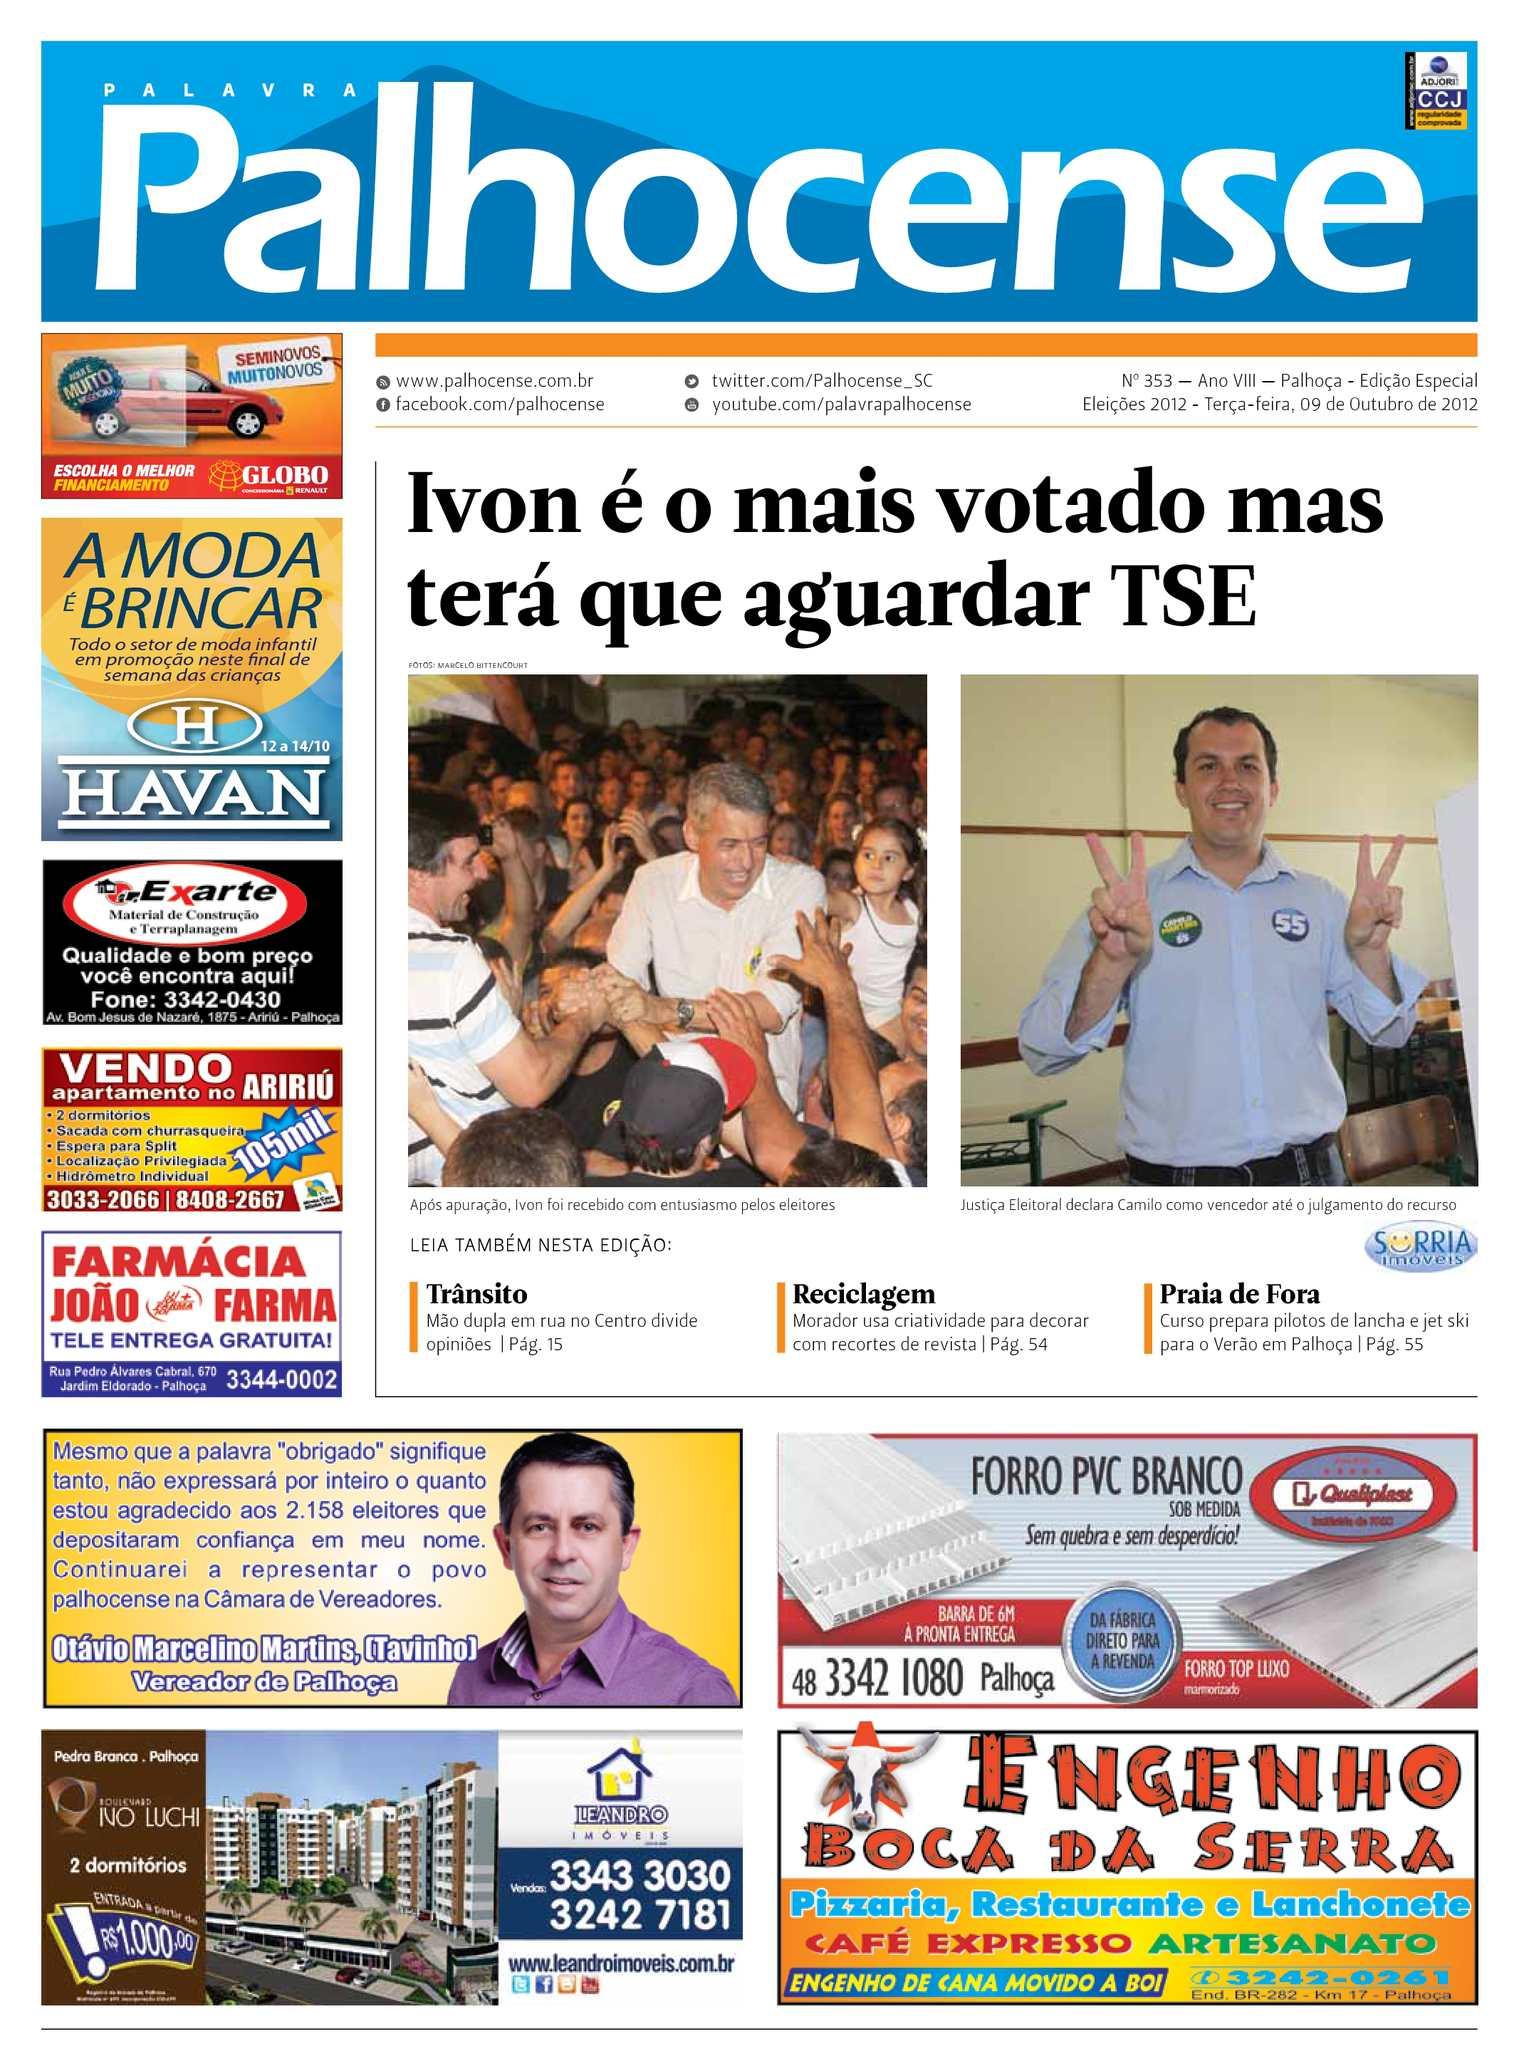 92d01d28c Calaméo - Jornal Palavra Palhocense - Edição 353